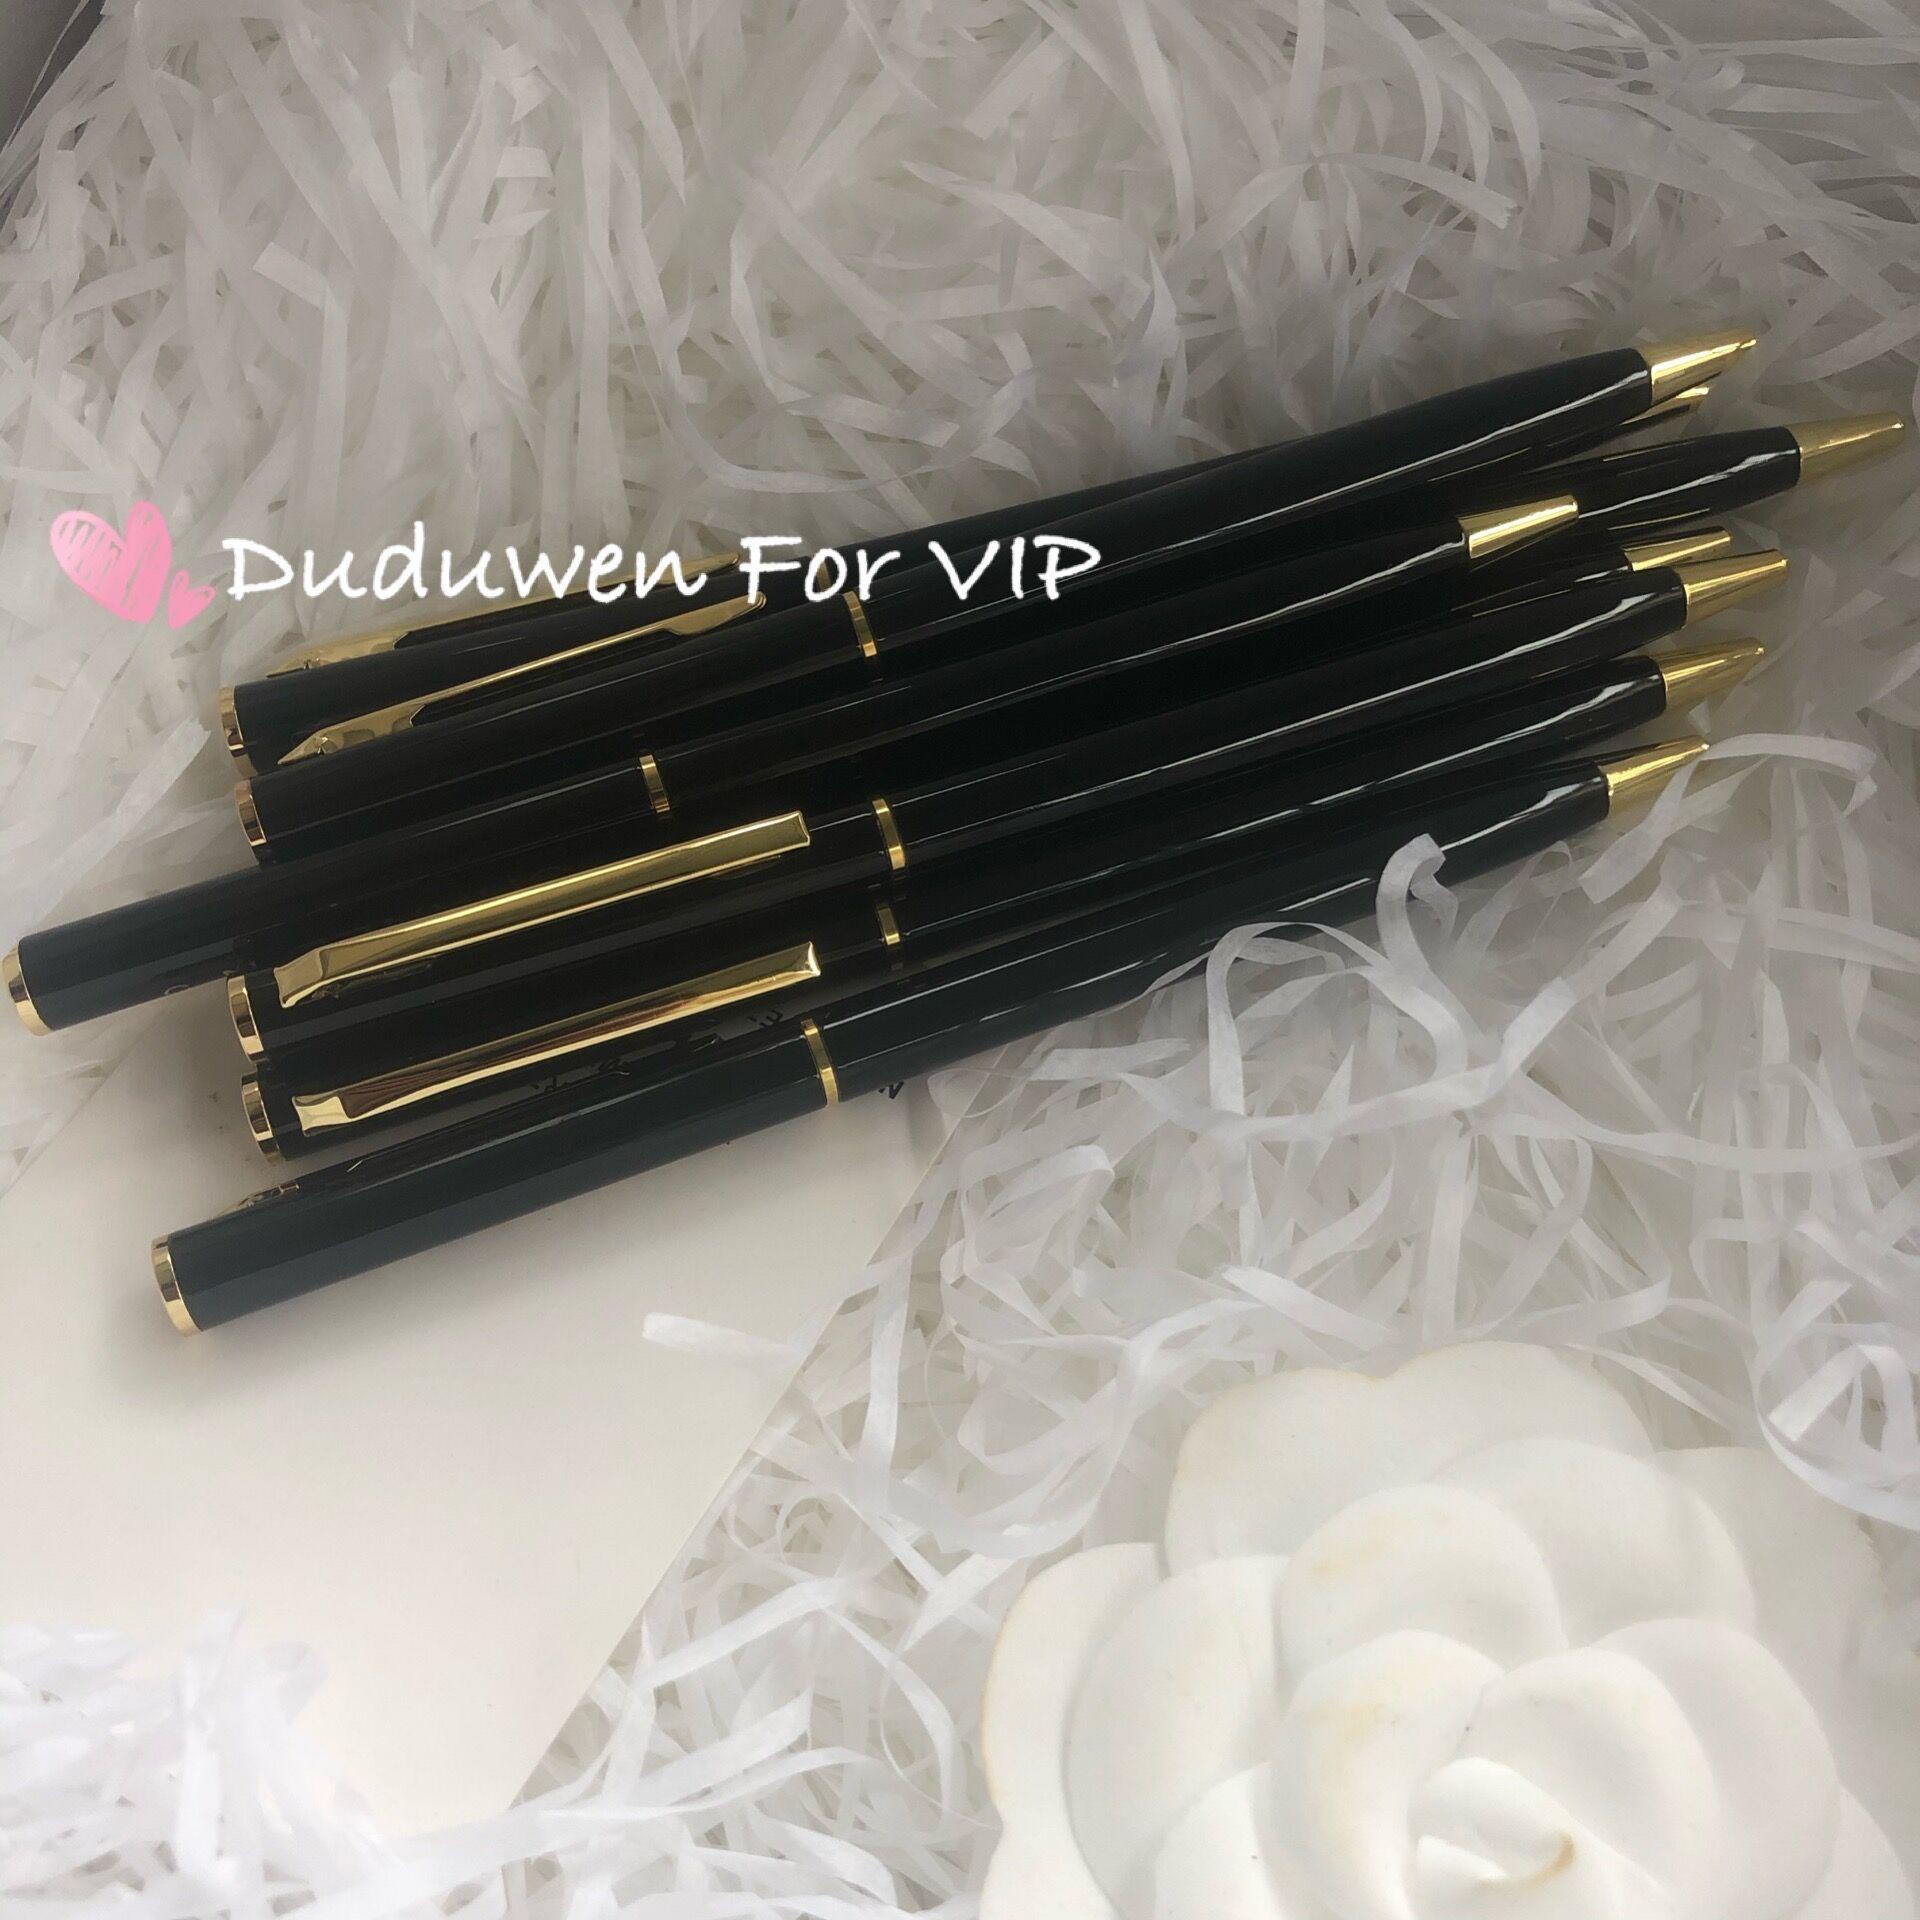 Klassische Metall Laser Buchstaben Kugelschreiber Buchstaben Mode Mode Stift Viped Souvenir Kollektion Schreibwaren für Süchtige Kollektion für Büro